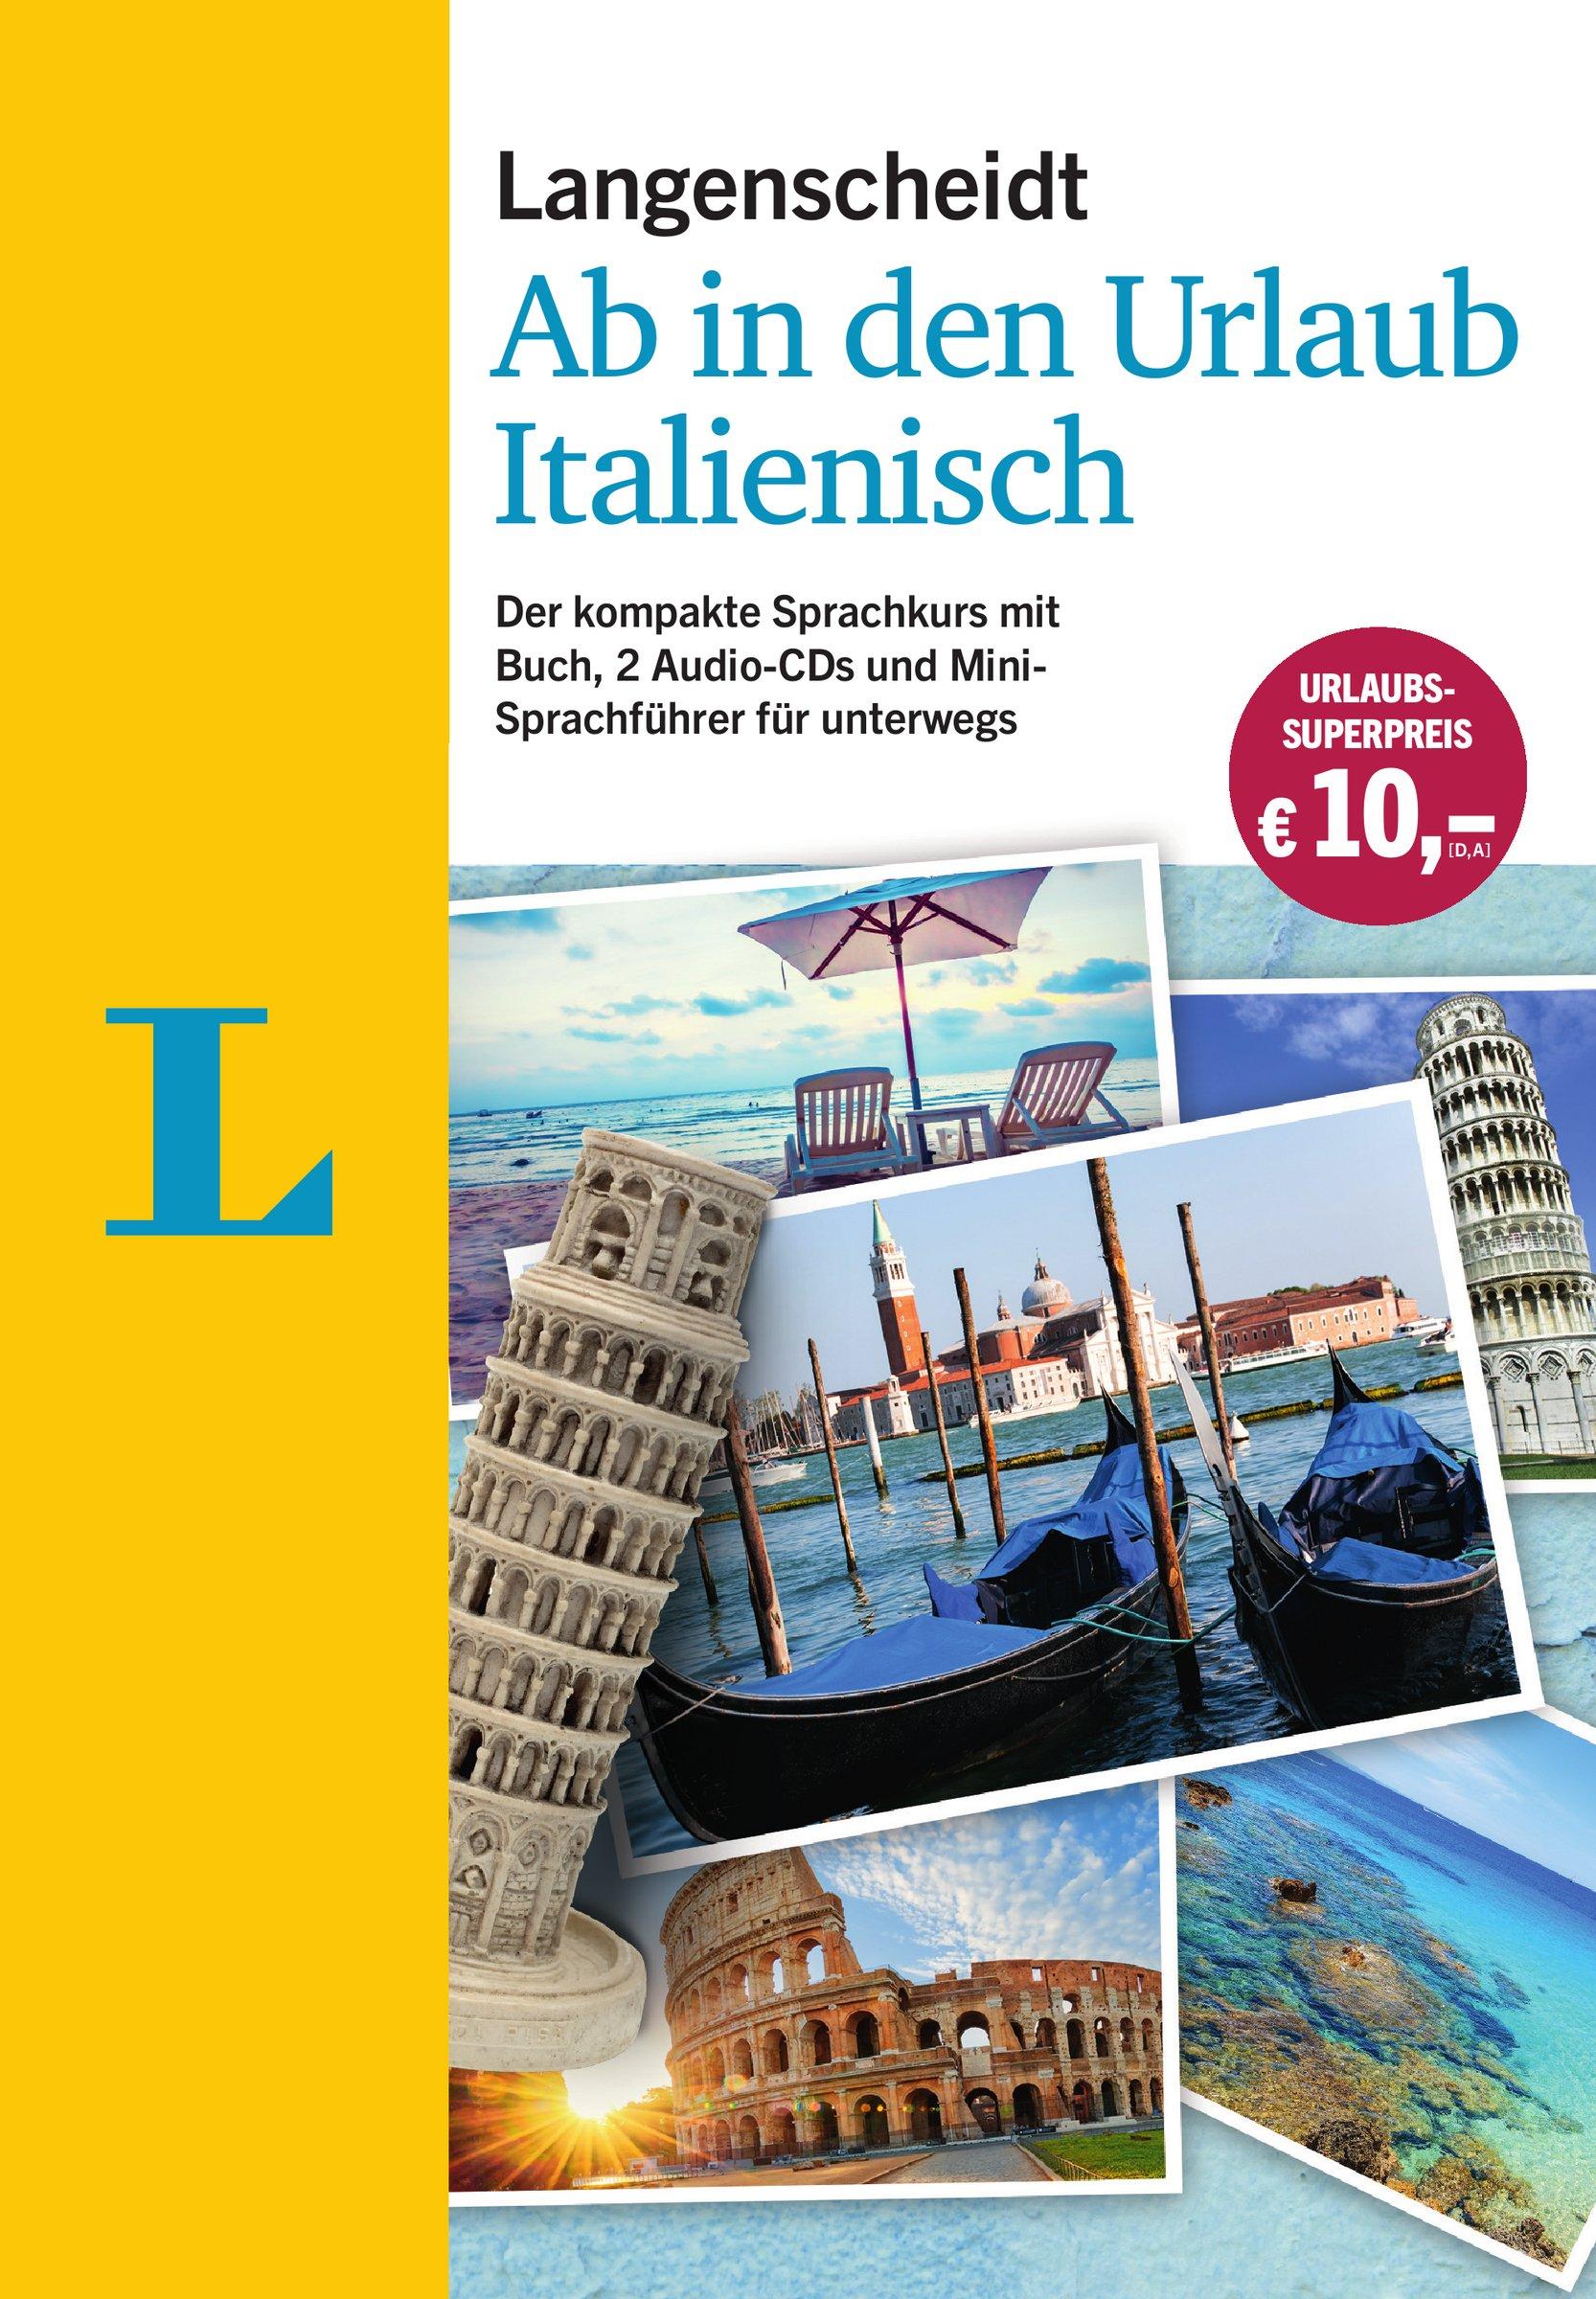 Langenscheidt Ab in den Urlaub - Italienisch - Sprachtraining für die  Reise: Der kompakte Sprachkurs mit Buch, 2 Audio-CDs und Mini-Sprachführer:  Amazon.de: ...